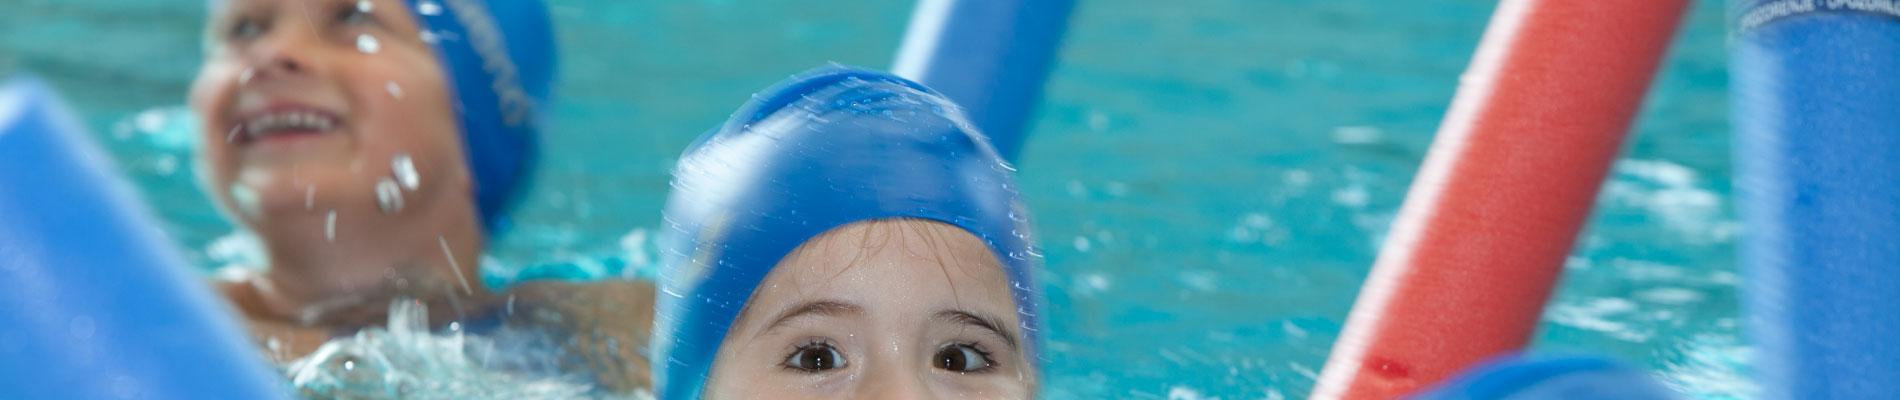 Anfängerschwimmen bei den Wasserfreunden Spandau 04